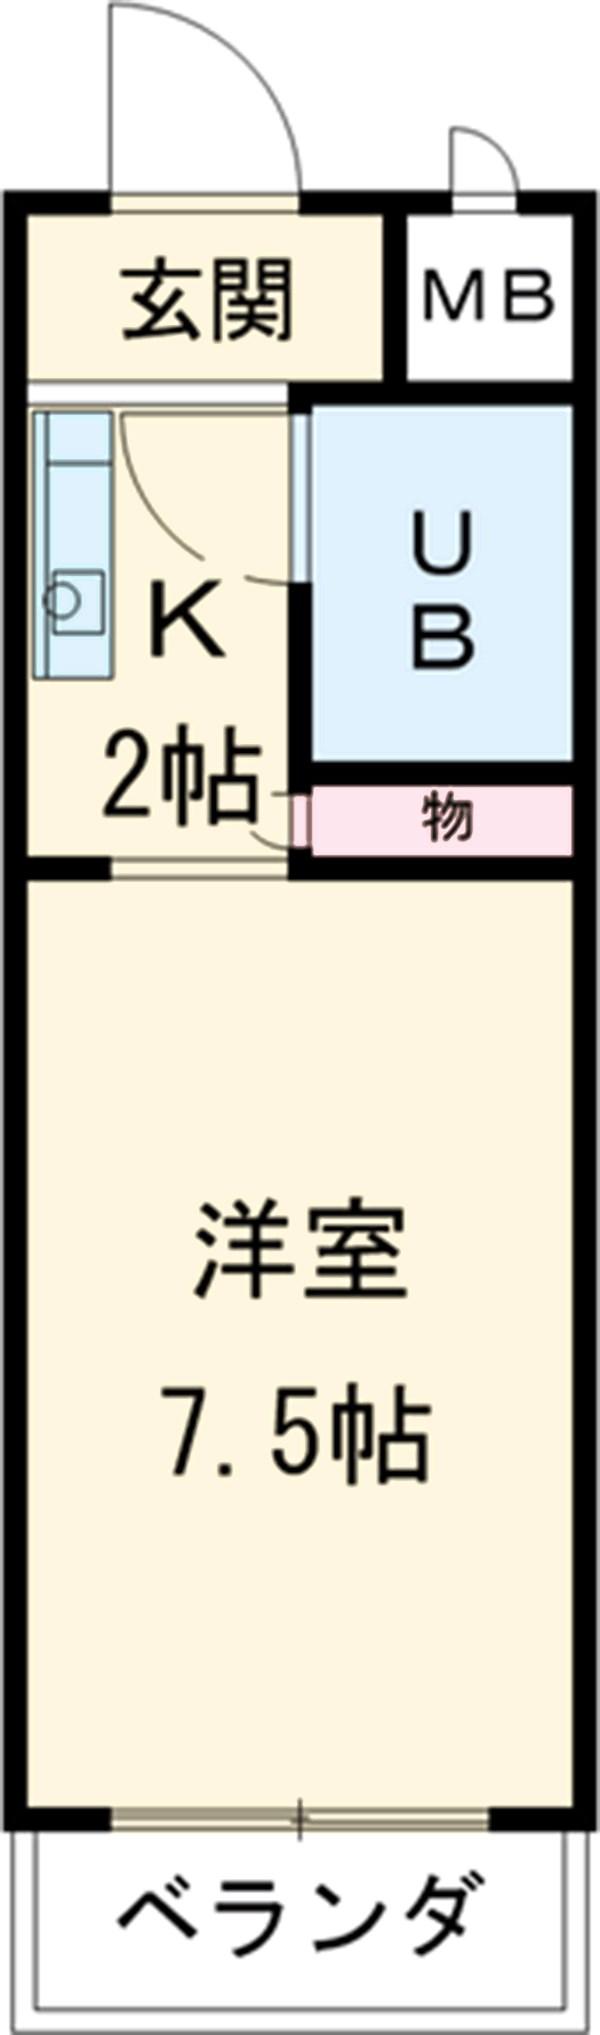 サンシャイン富士パート1・106号室の間取り